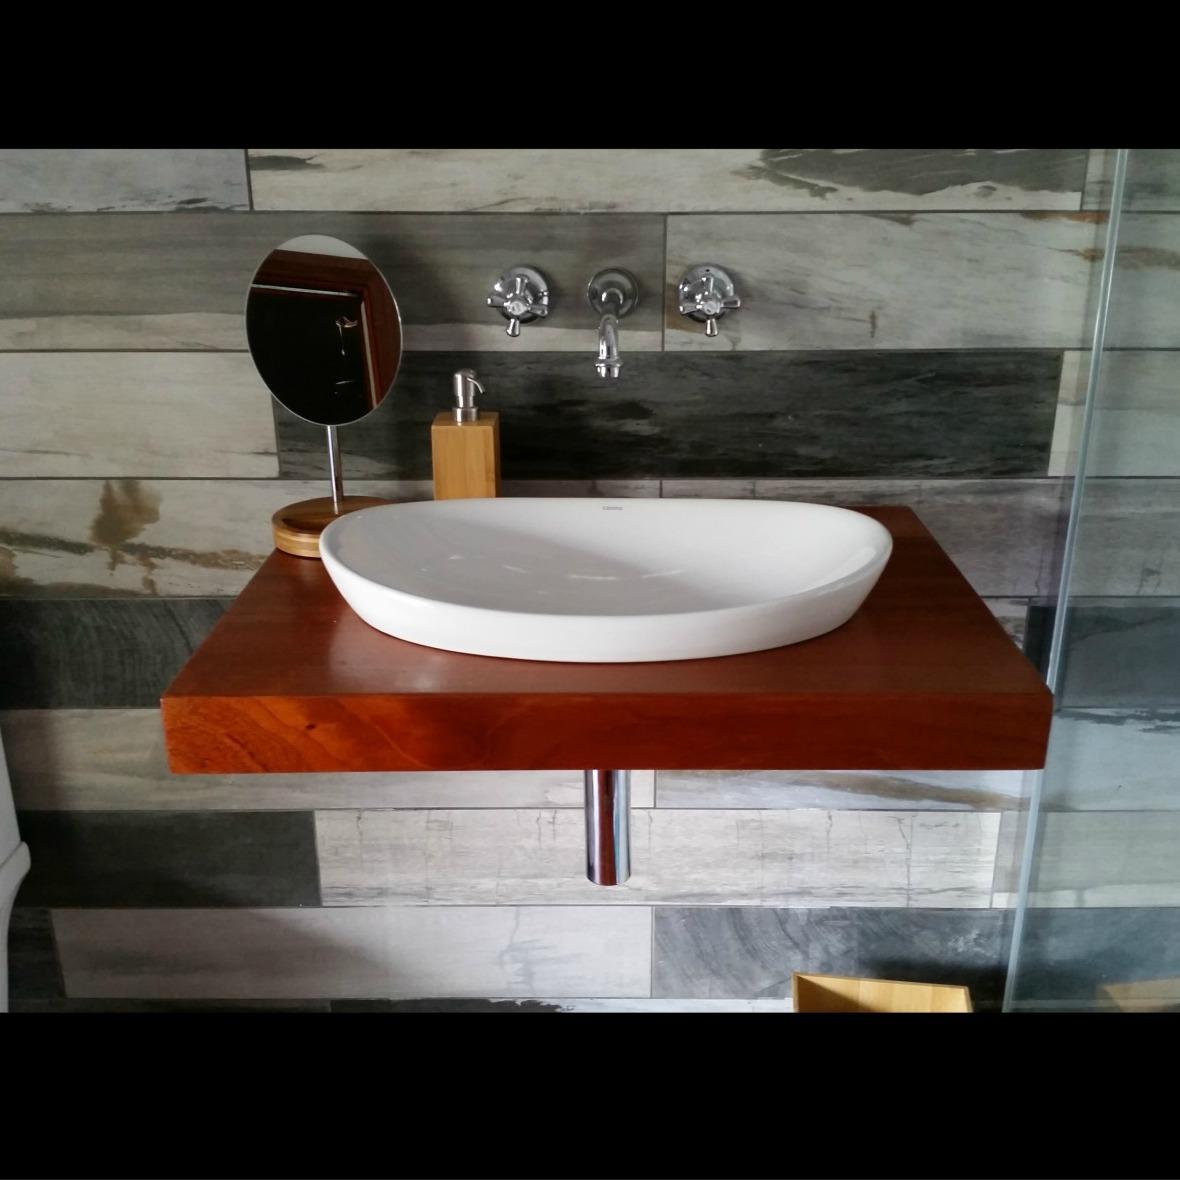 Custom Design Vanity installed by Simon the Plumber